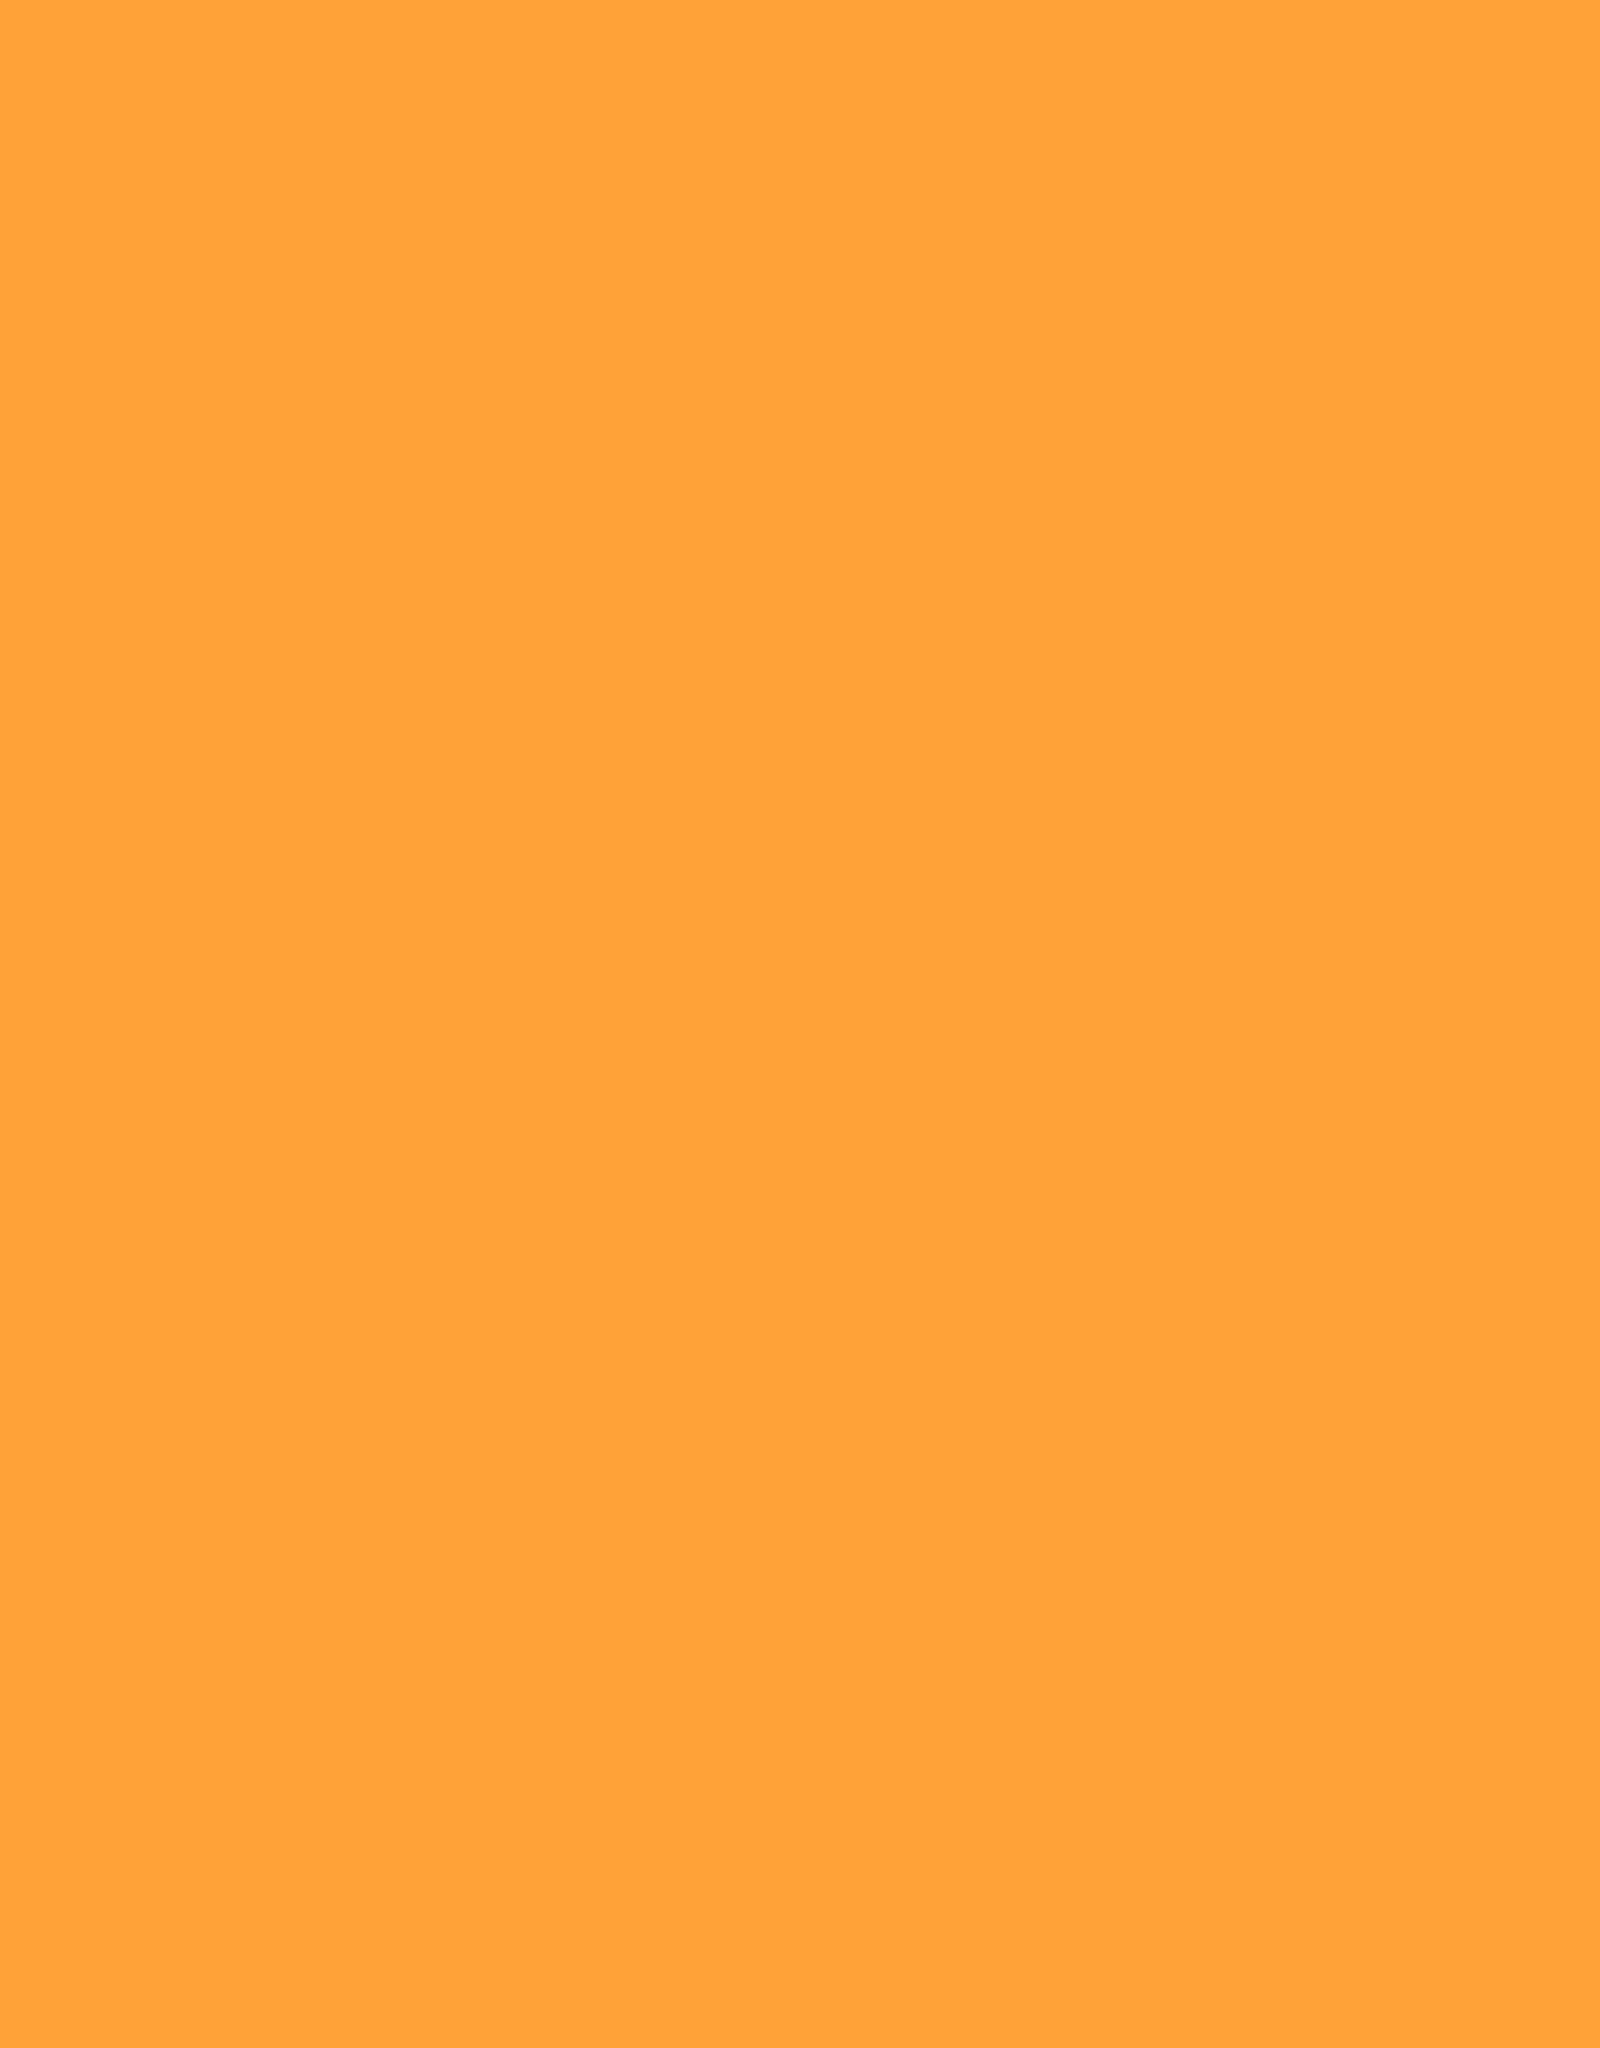 Superior Seamless Superior Seamless 4' Yellow-Orange #35